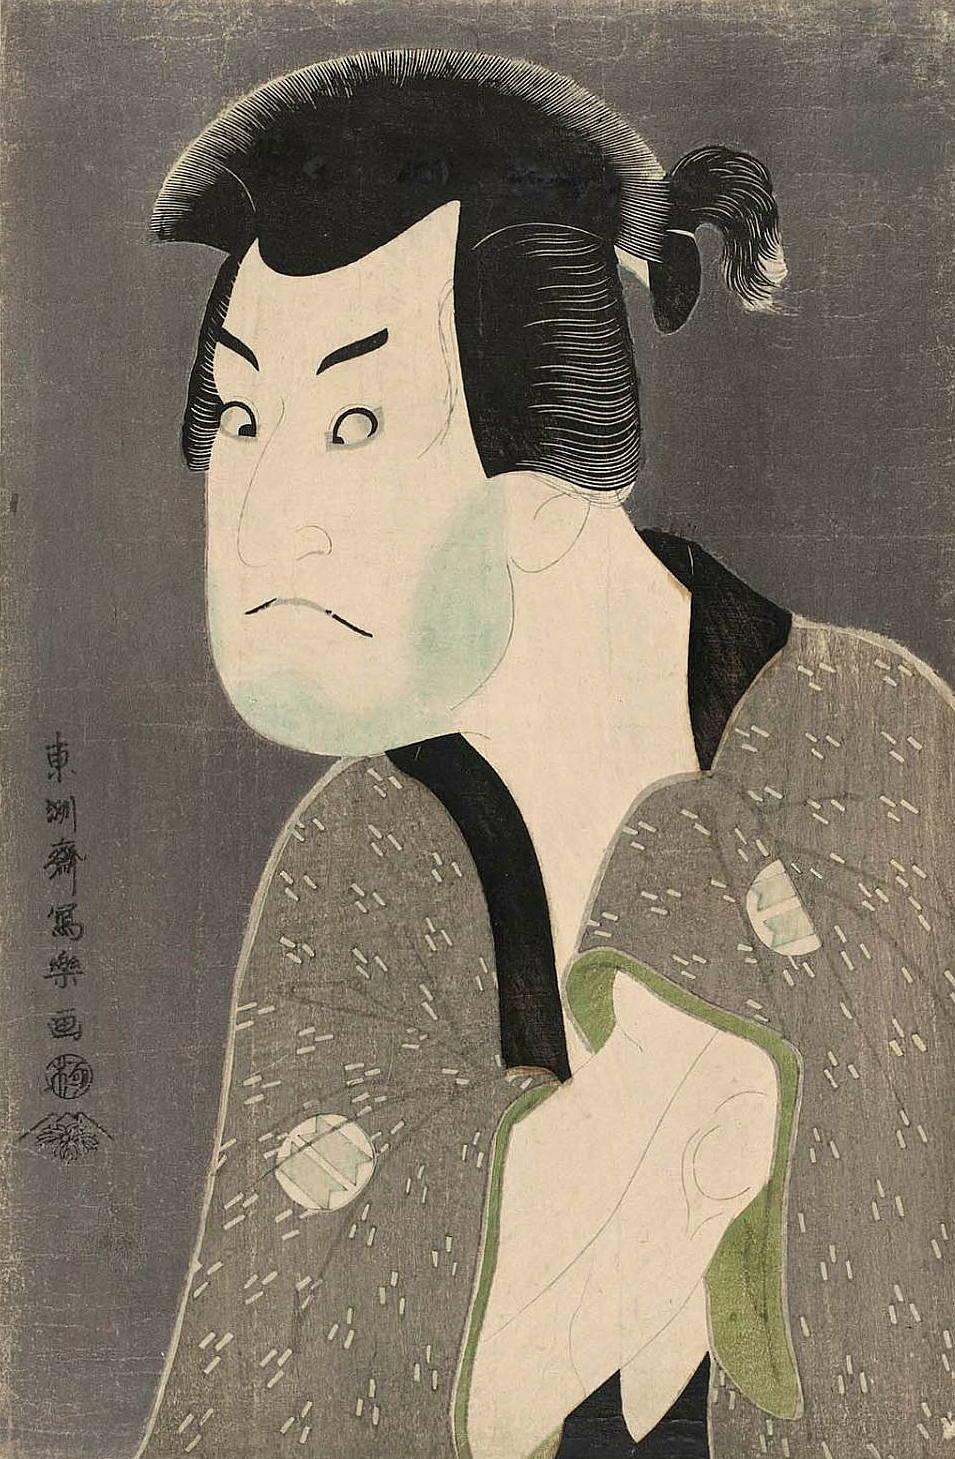 Japanskt träsnitt - Japanskt färg träsnitt - Toshusai Sharaku, aktiv 1794–1795. Skådespelaren Sakata Hangoro III som Fujikawa Mizuemon. Edo period, 1794 (Kansei 6), 5th month. Skådespelet Hana Ayame Bunroku Soga som uppfördes på teatern Miyako-za. Oban tate-e.